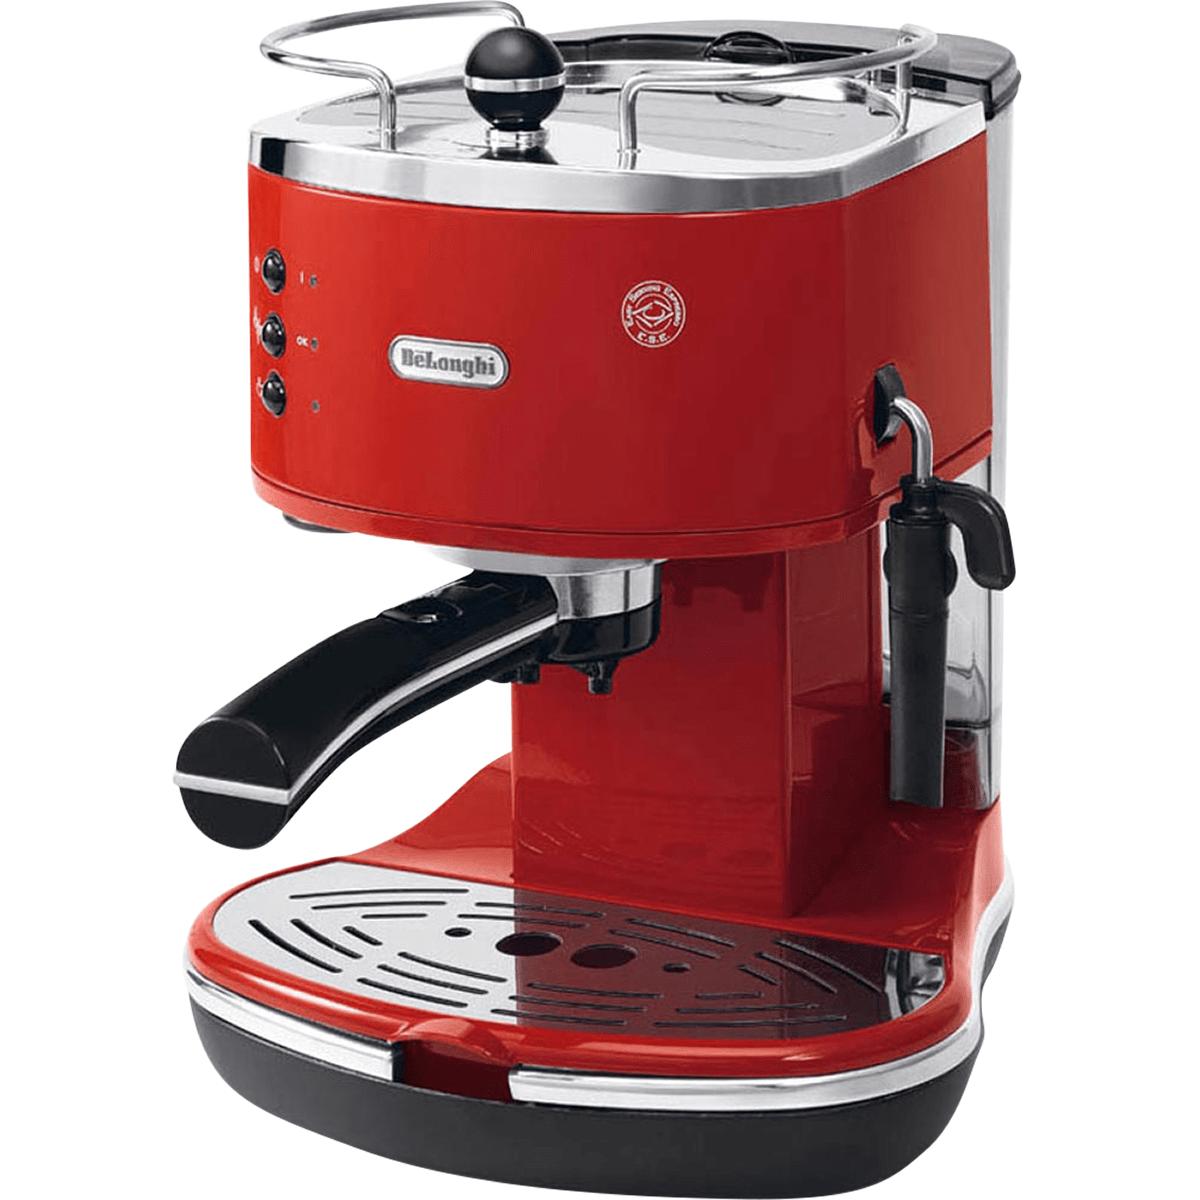 DeLonghi ECO310 Icona Manual Espresso Machine Red - ECO310R